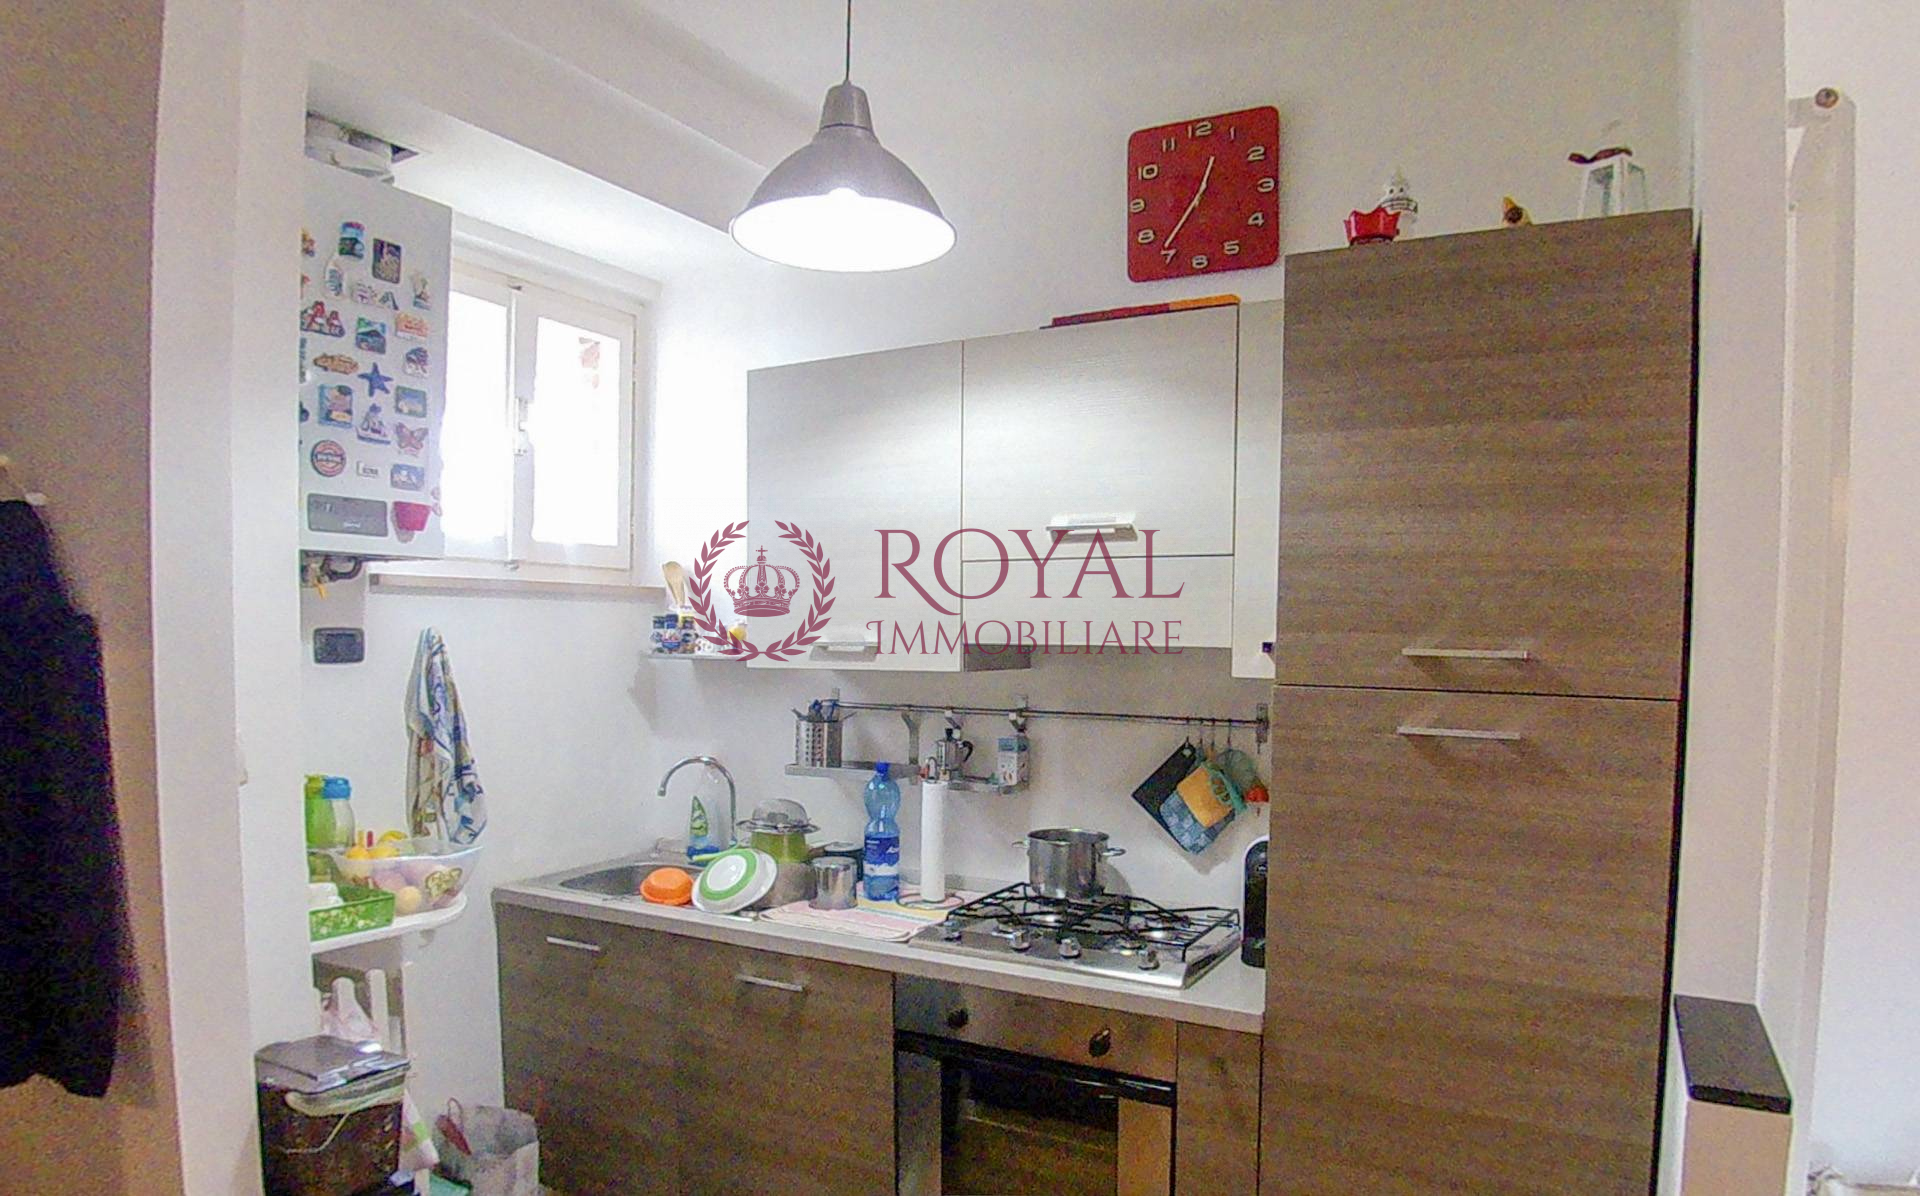 livorno vendita quart: banditella royal immobiliare professional s.a.s.